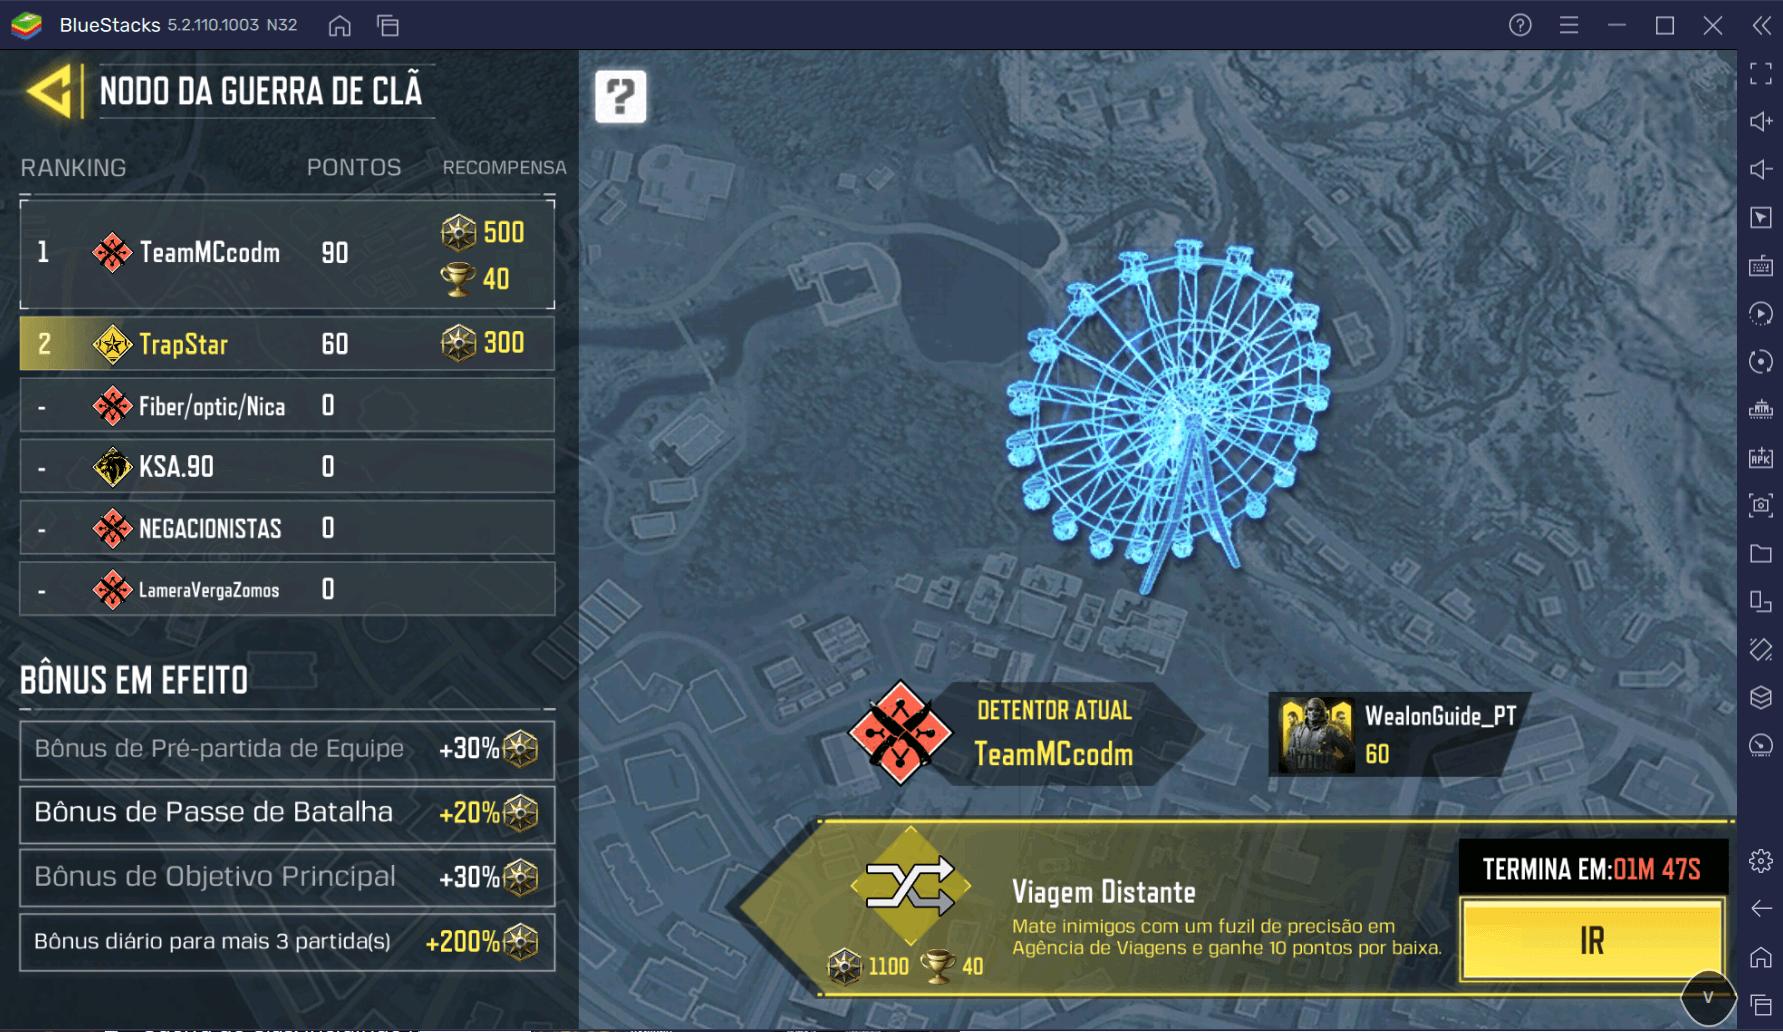 Sexta temporada de Call of Duty: Mobile apresenta novos mapas, armas, personagens e um modo novo: Cerco Zumbi